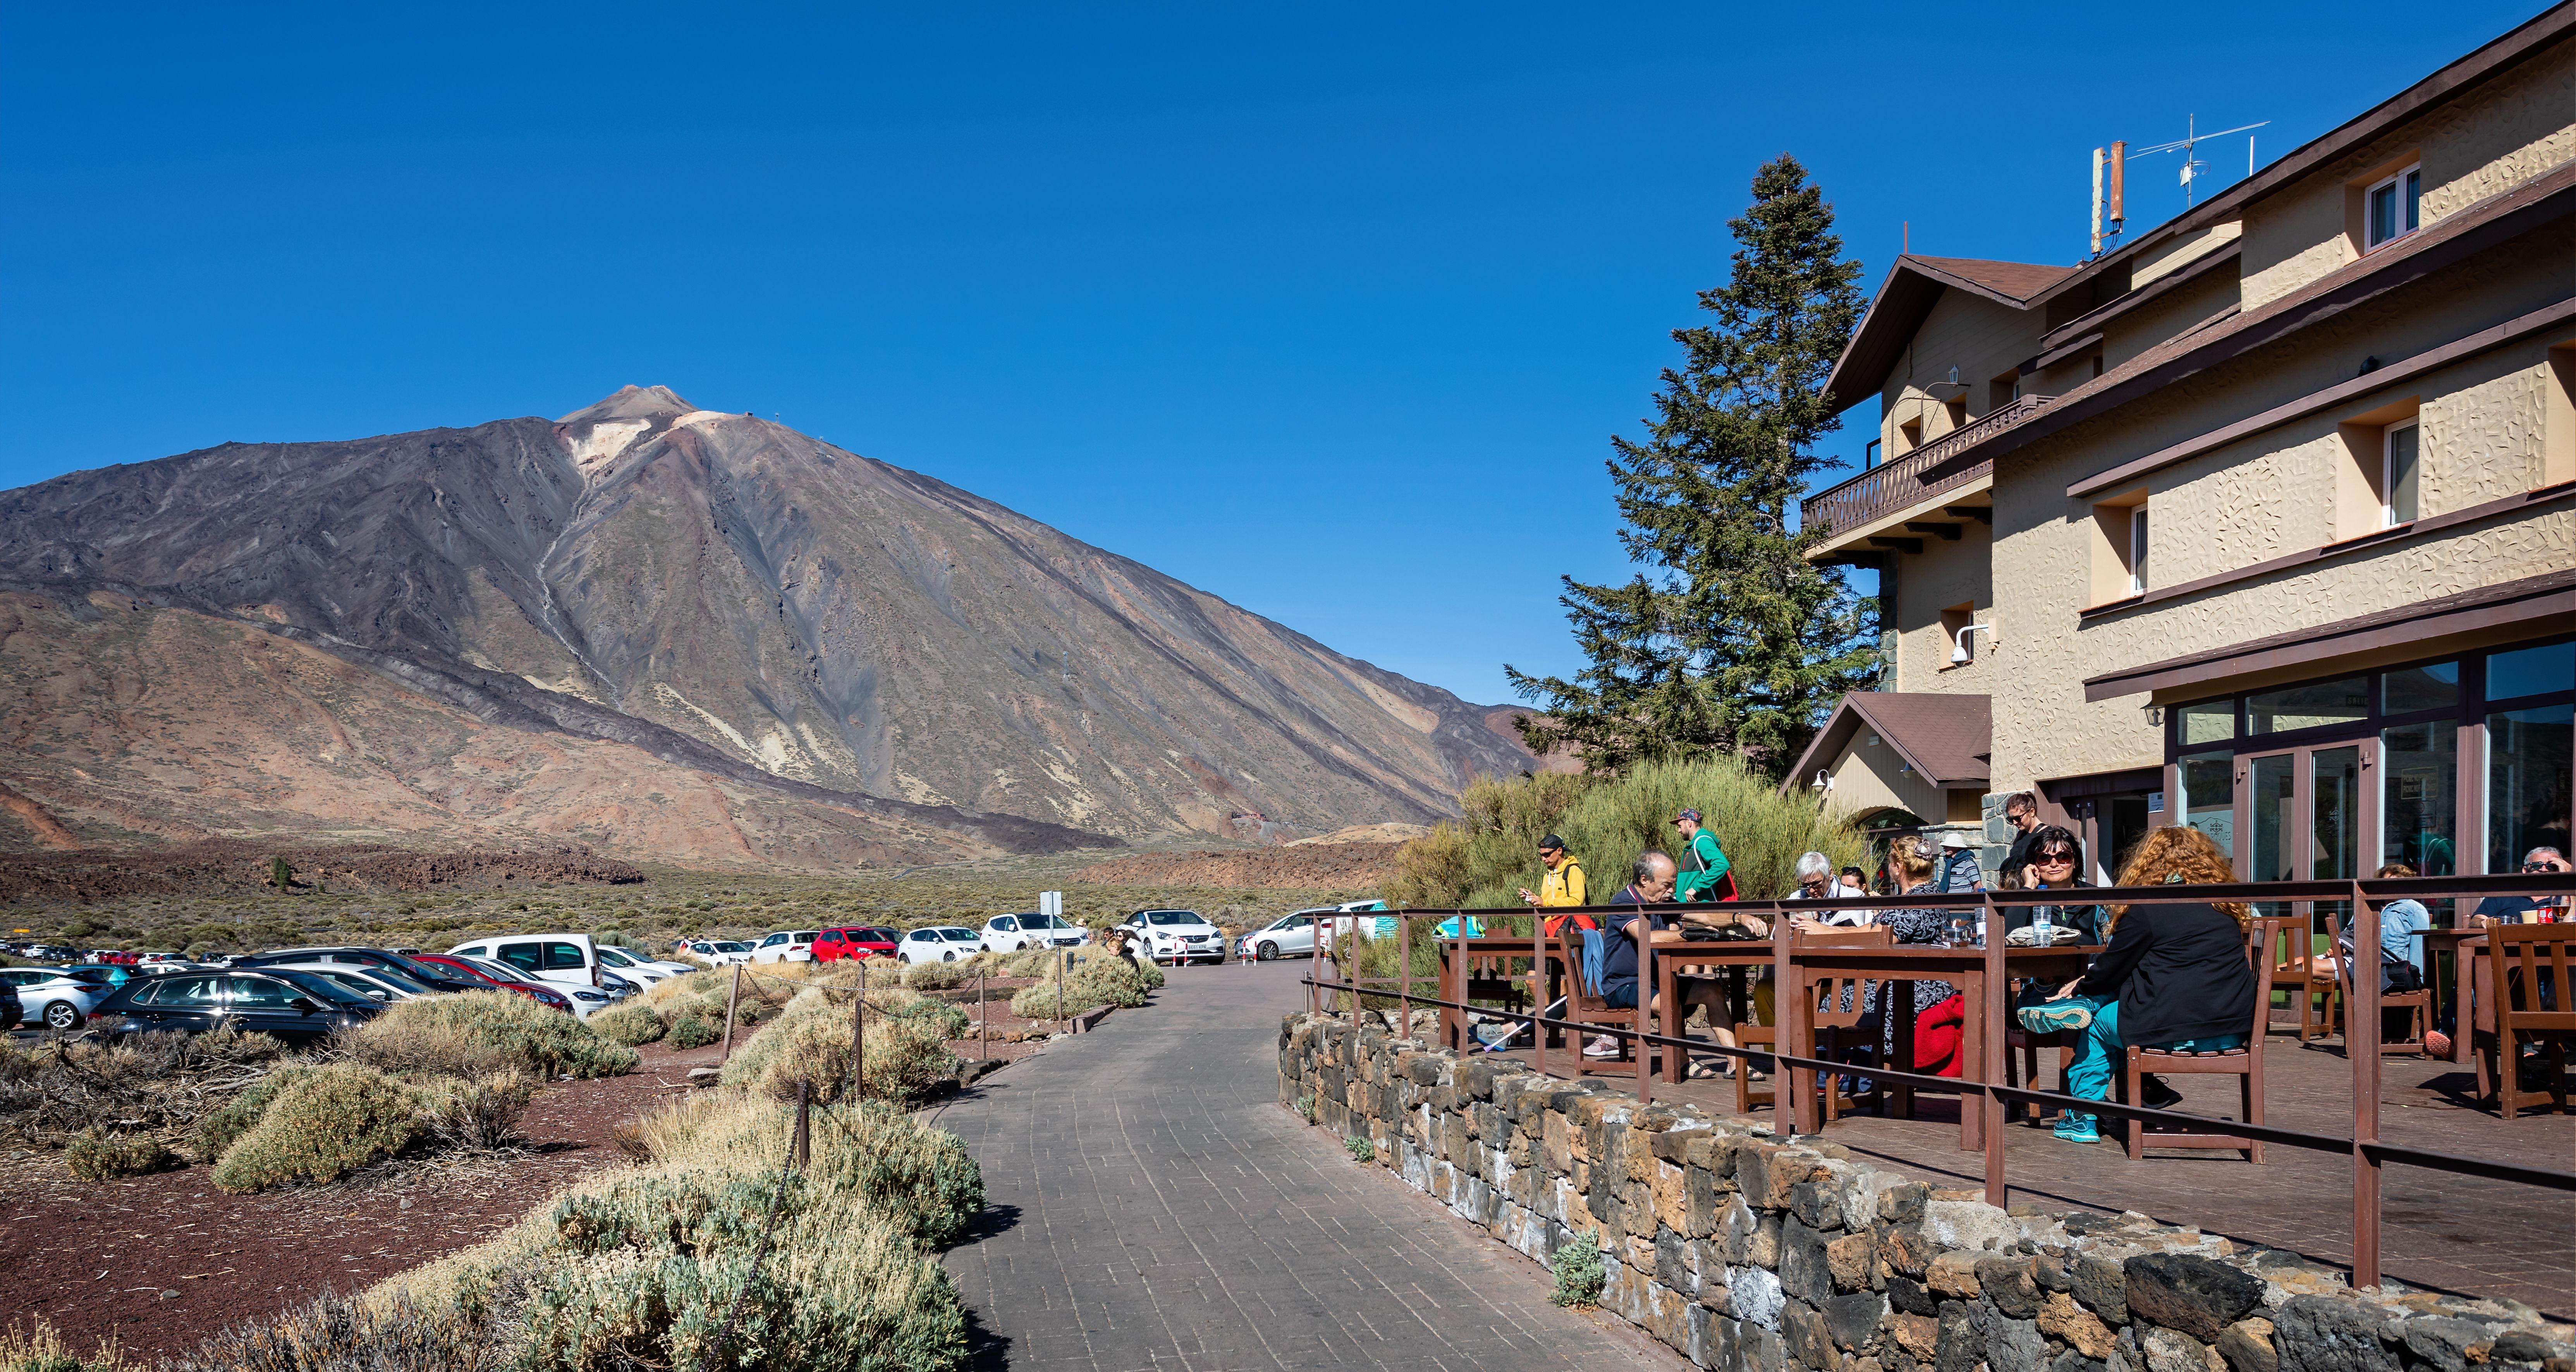 Parador de Ca?adas del Teide. Ma tylko trzy gwiazdki, ale jedyny taki widok: na wulkan Teide, najwyższy szczyt Hiszpanii / Fot. Nigel Jarvis/Shutterstock.com